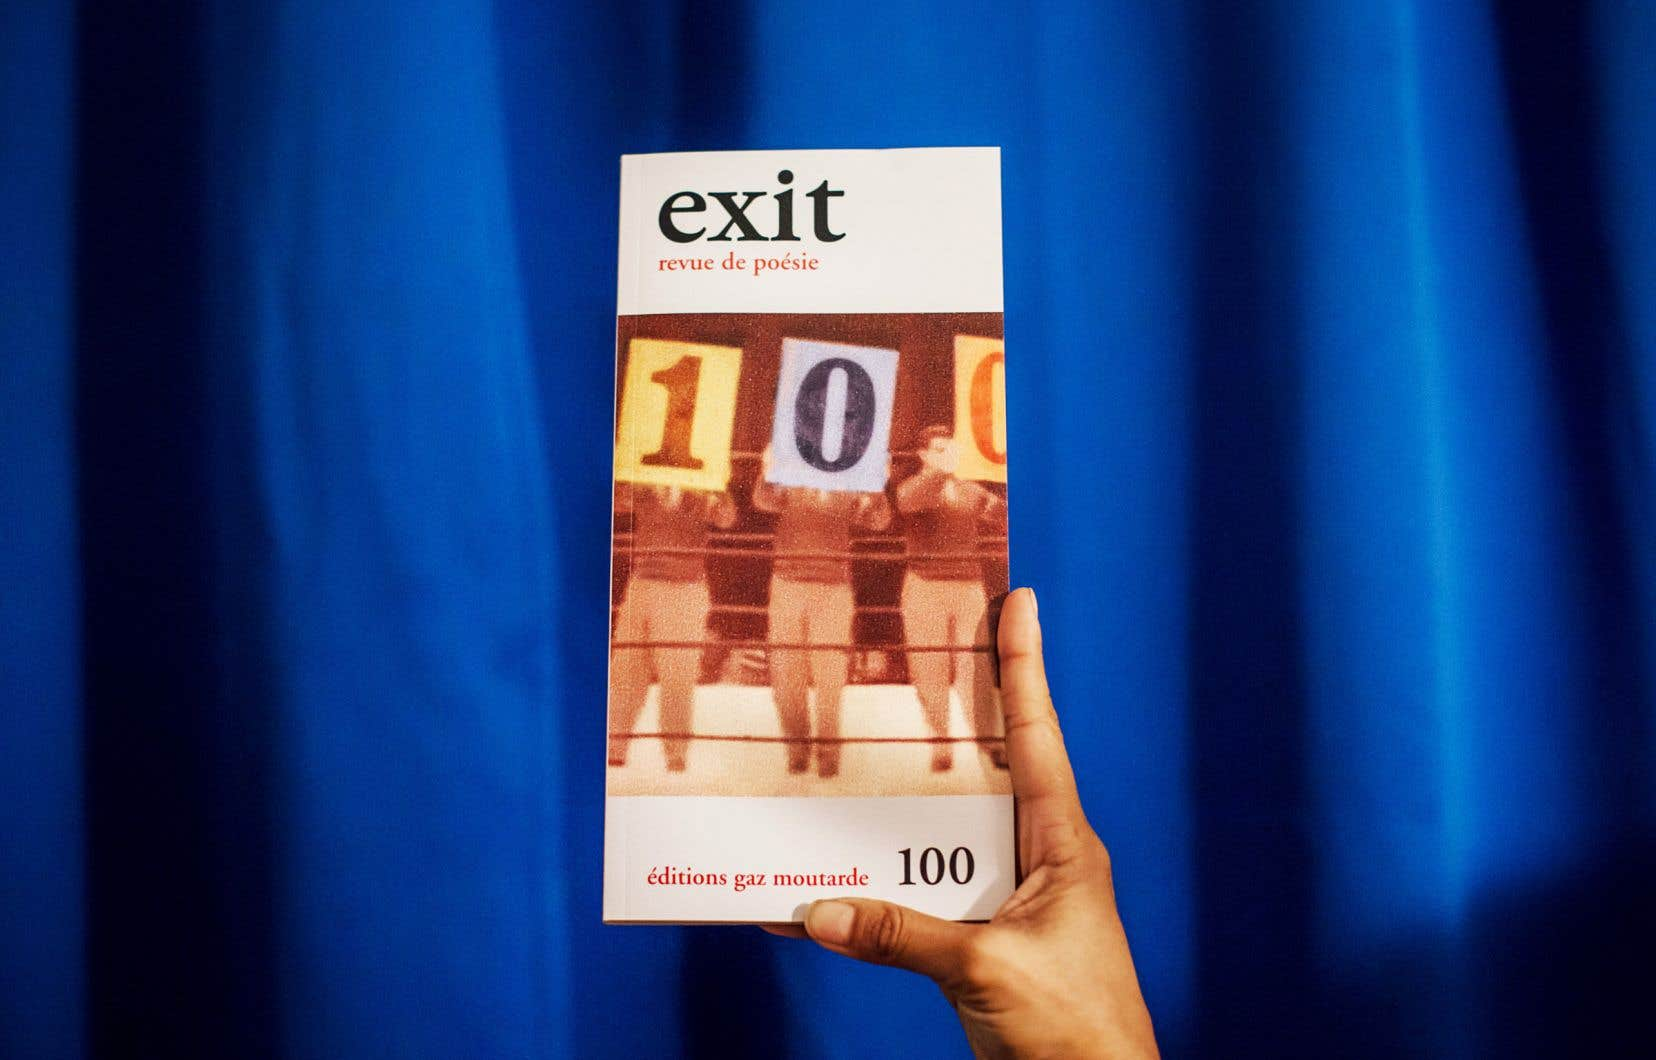 Fondée en 1995 dans le sillage de la défunte revue «Gaz moutarde» par le poète Tony Tremblay et par l'éditeur et conteur André Lemelin, Exit est maintenant dirigée par le poète Stéphane Despatie.